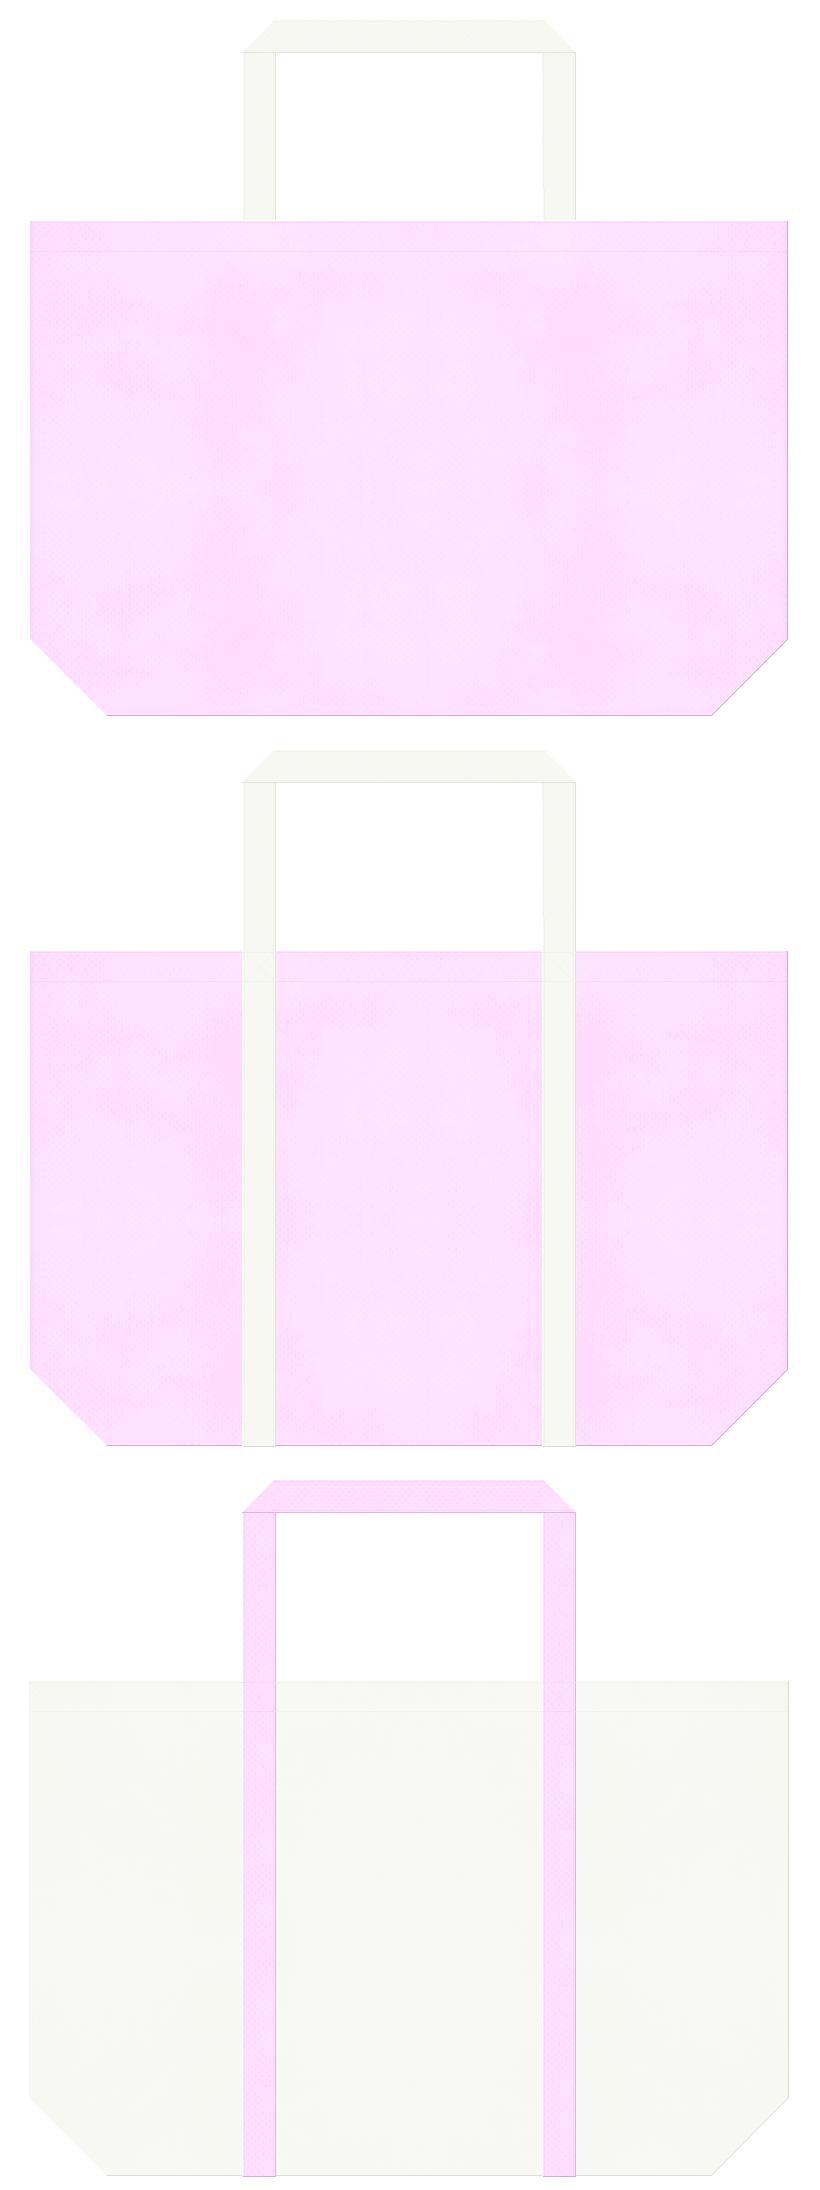 保育・福祉・介護・医療・ひな祭り・母の日・ブーケ・フラワーショップ・ウェディング・イチゴミルク・フラミンゴ・バタフライ・ドリーム・プリンセス・シュガー・マシュマロ・うさぎ・ファンシー・パステルカラー・ガーリーデザインのショッピングバッグにお奨めの不織布バッグデザイン:パステルピンク色とオフホワイト色のコーデ